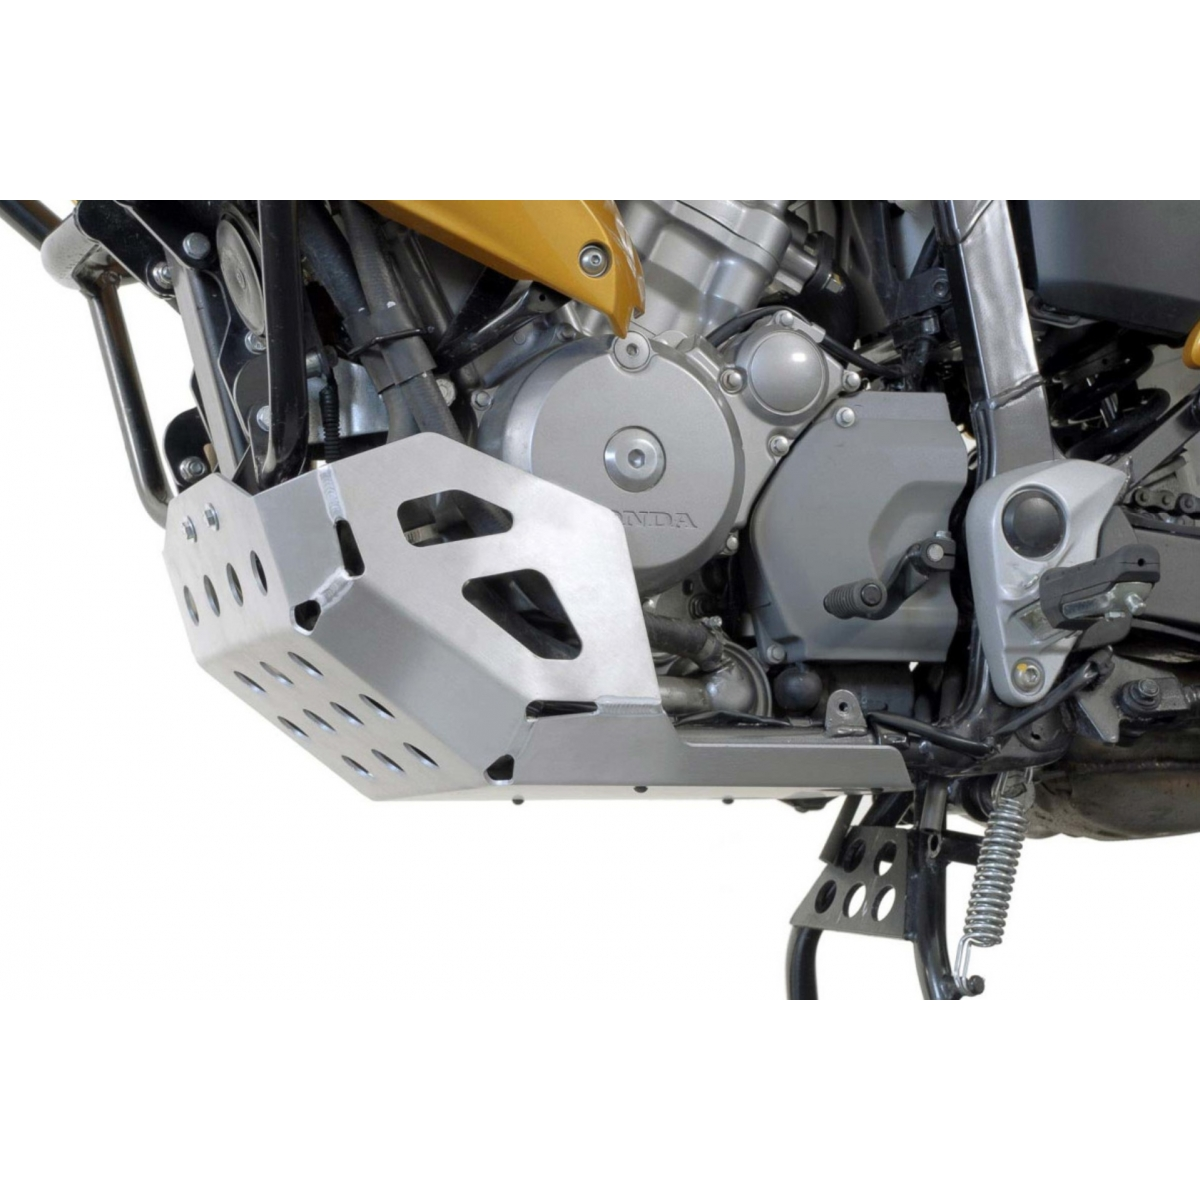 Honda XL 700 Transalp - Motocad.hu